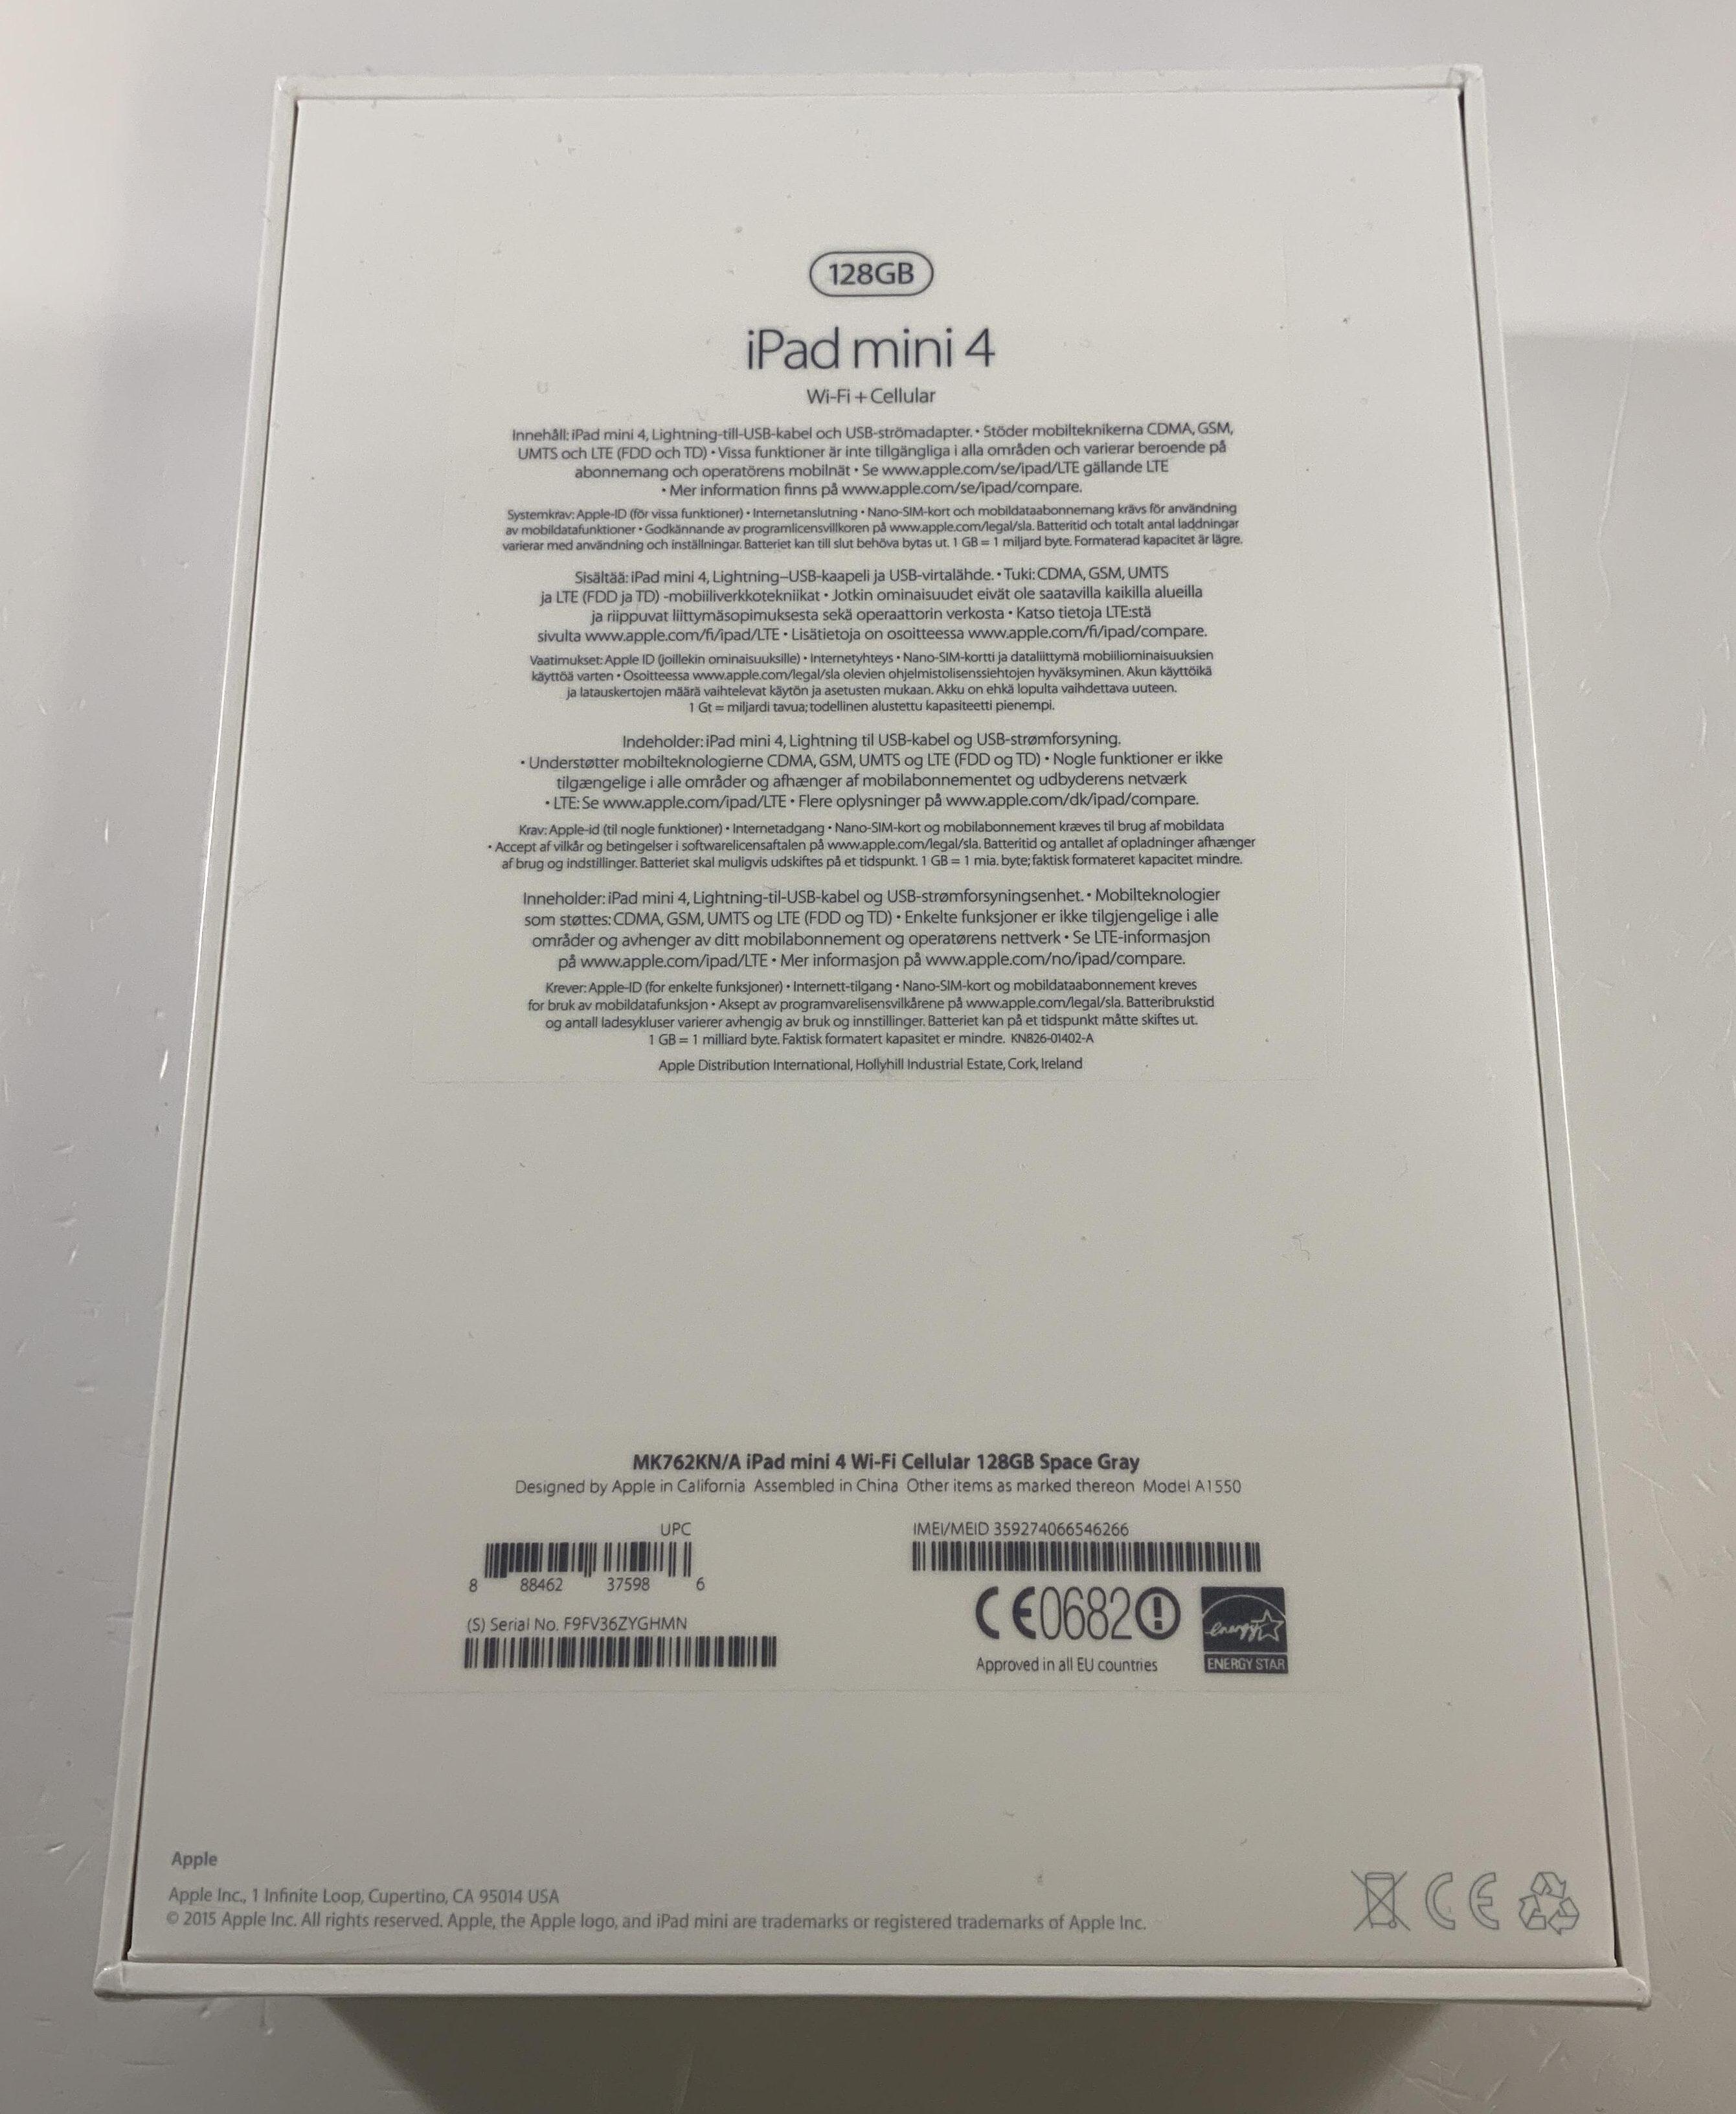 iPad mini 4 Wi-Fi + Cellular 128GB, 128GB, bild 2